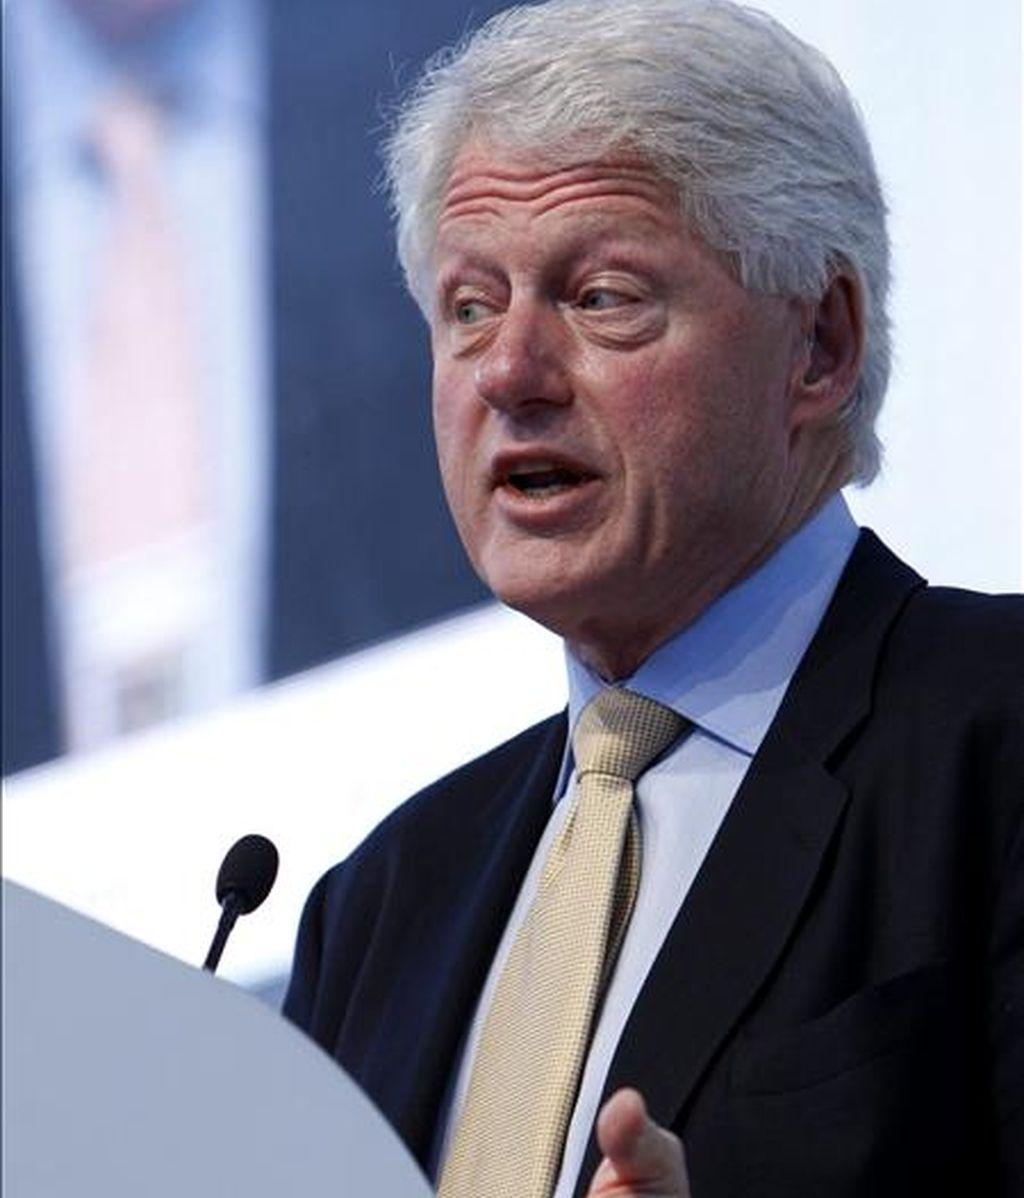 """""""Hubiera sido un desastre que Netanyahu no hubiera admitido la posibilidad de la solución de los dos Estados. No hay una solución alternativa razonable a esto"""", dijo el ex presidente Bill Clinton. EFE/Archivo"""